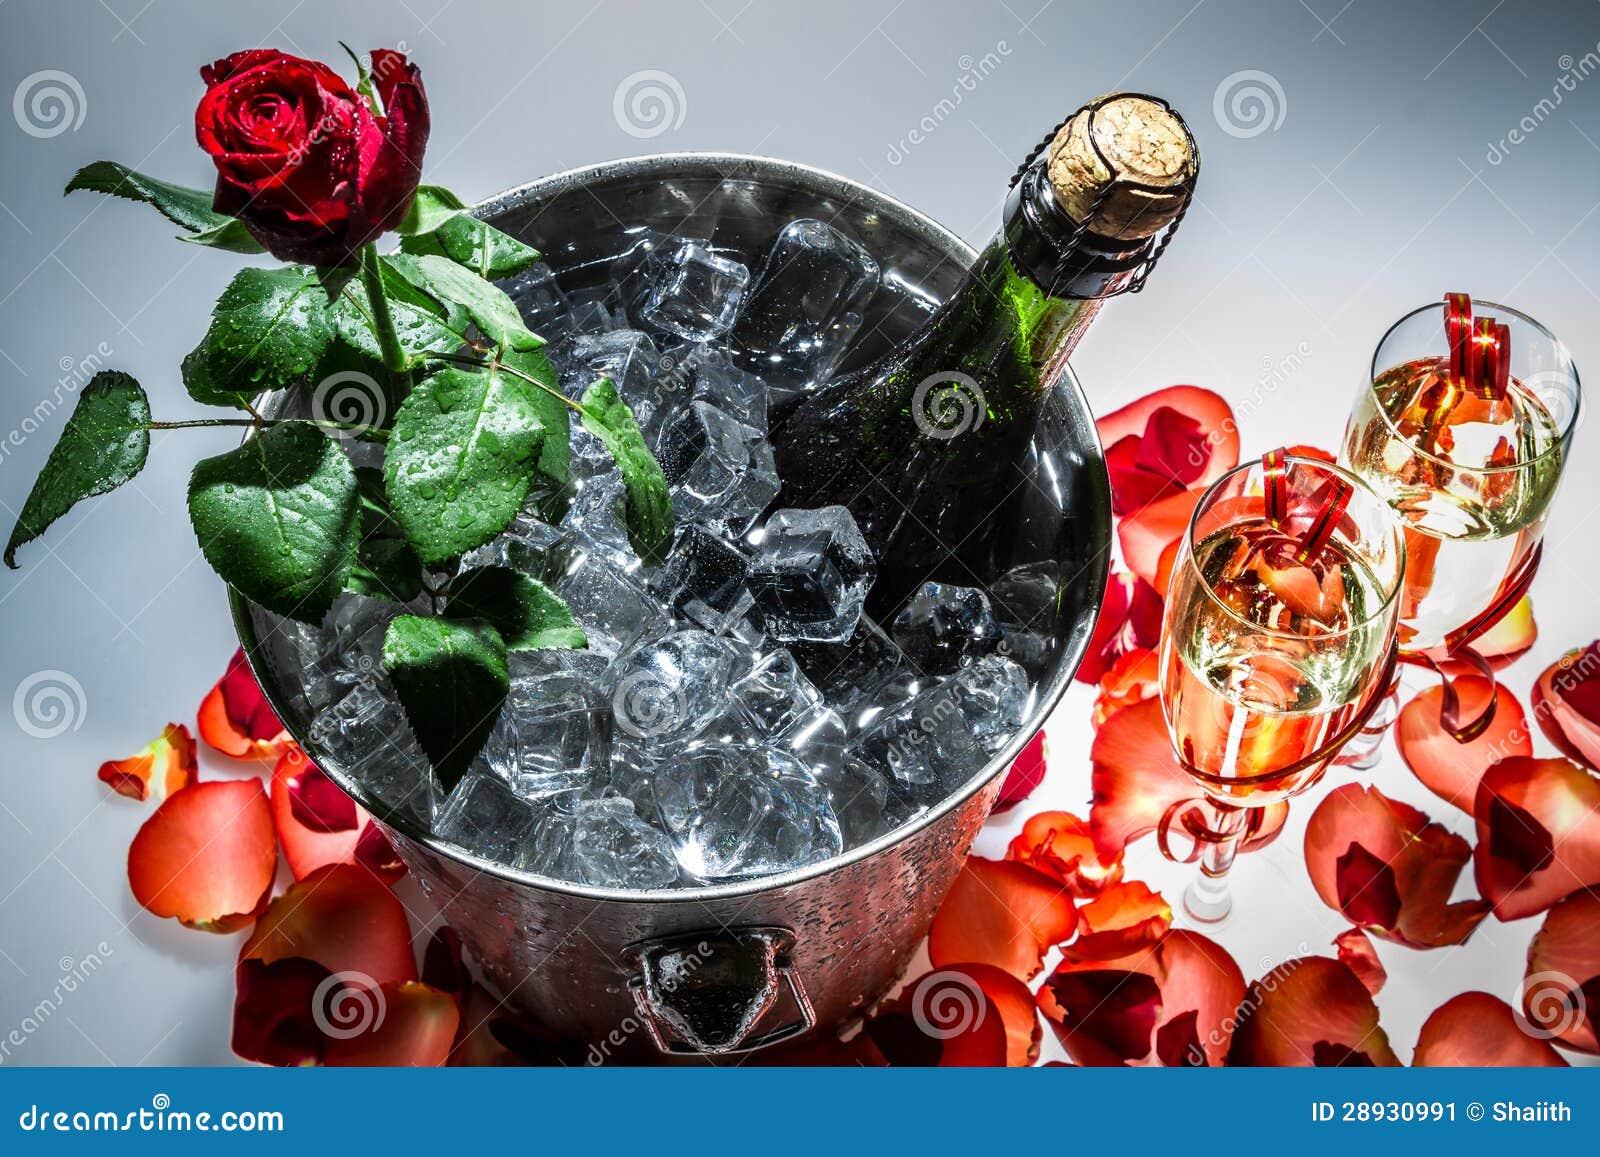 红色玫瑰和香槟特写镜头